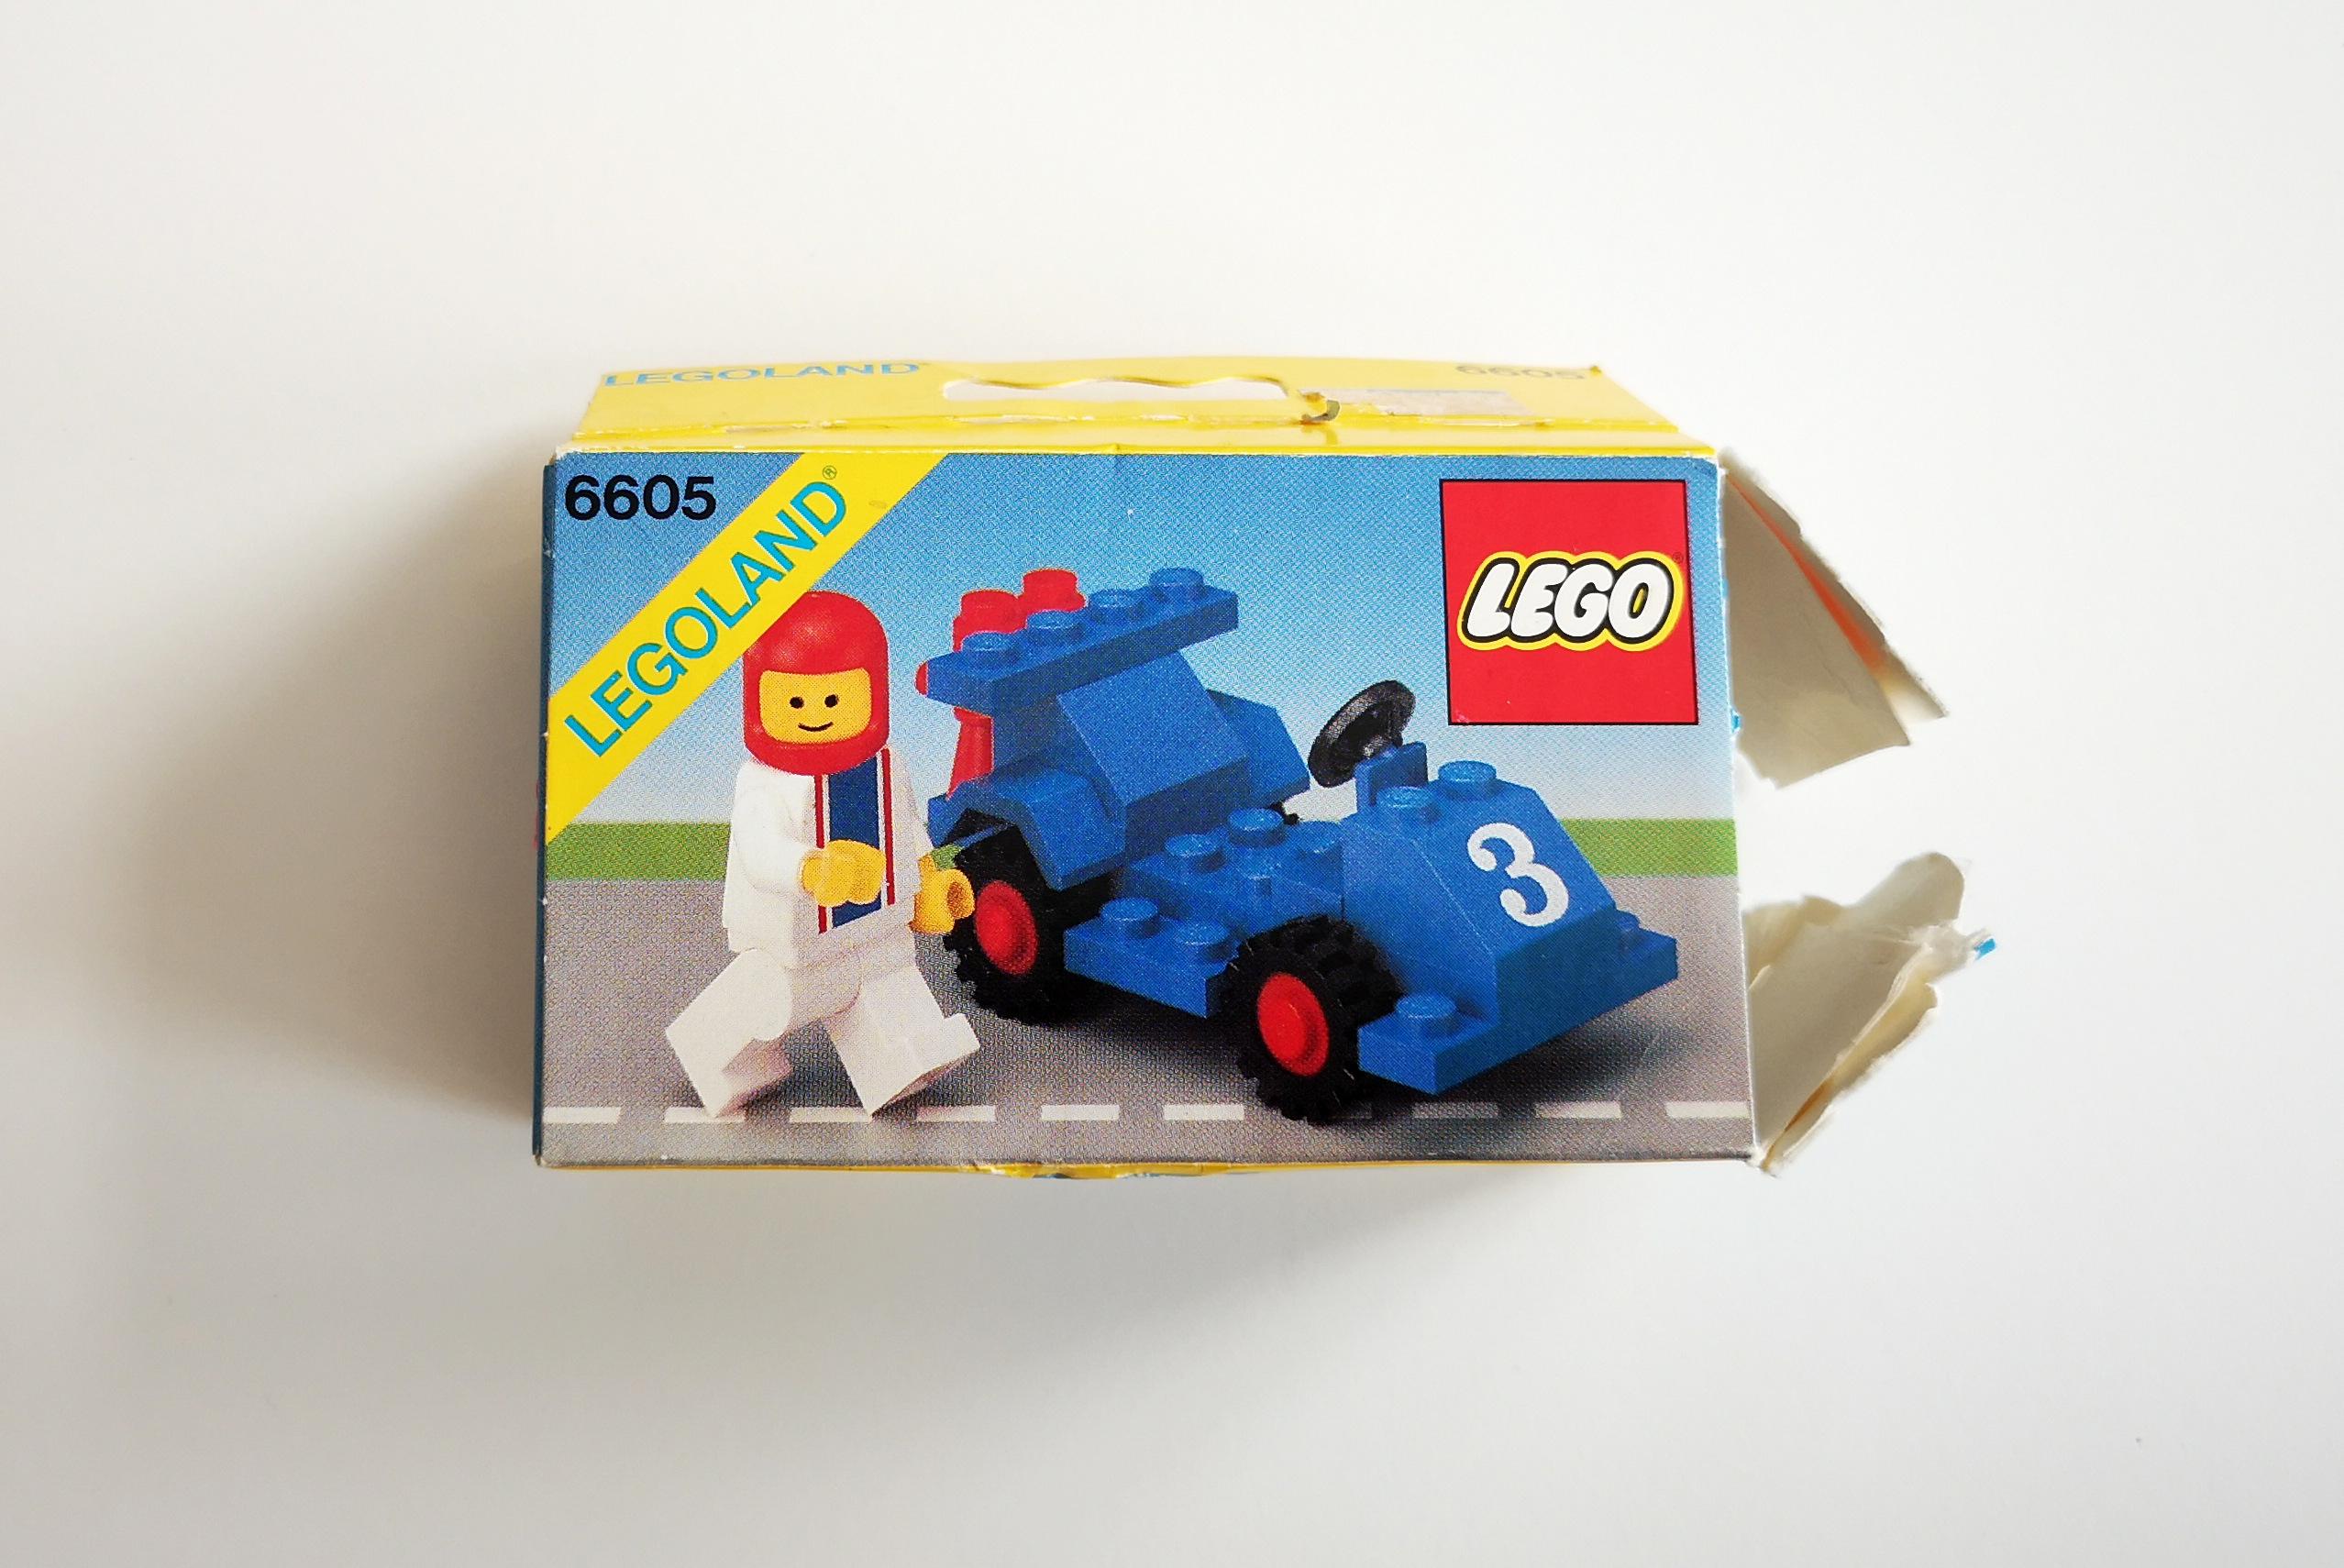 6605 LEGO Review deutsch